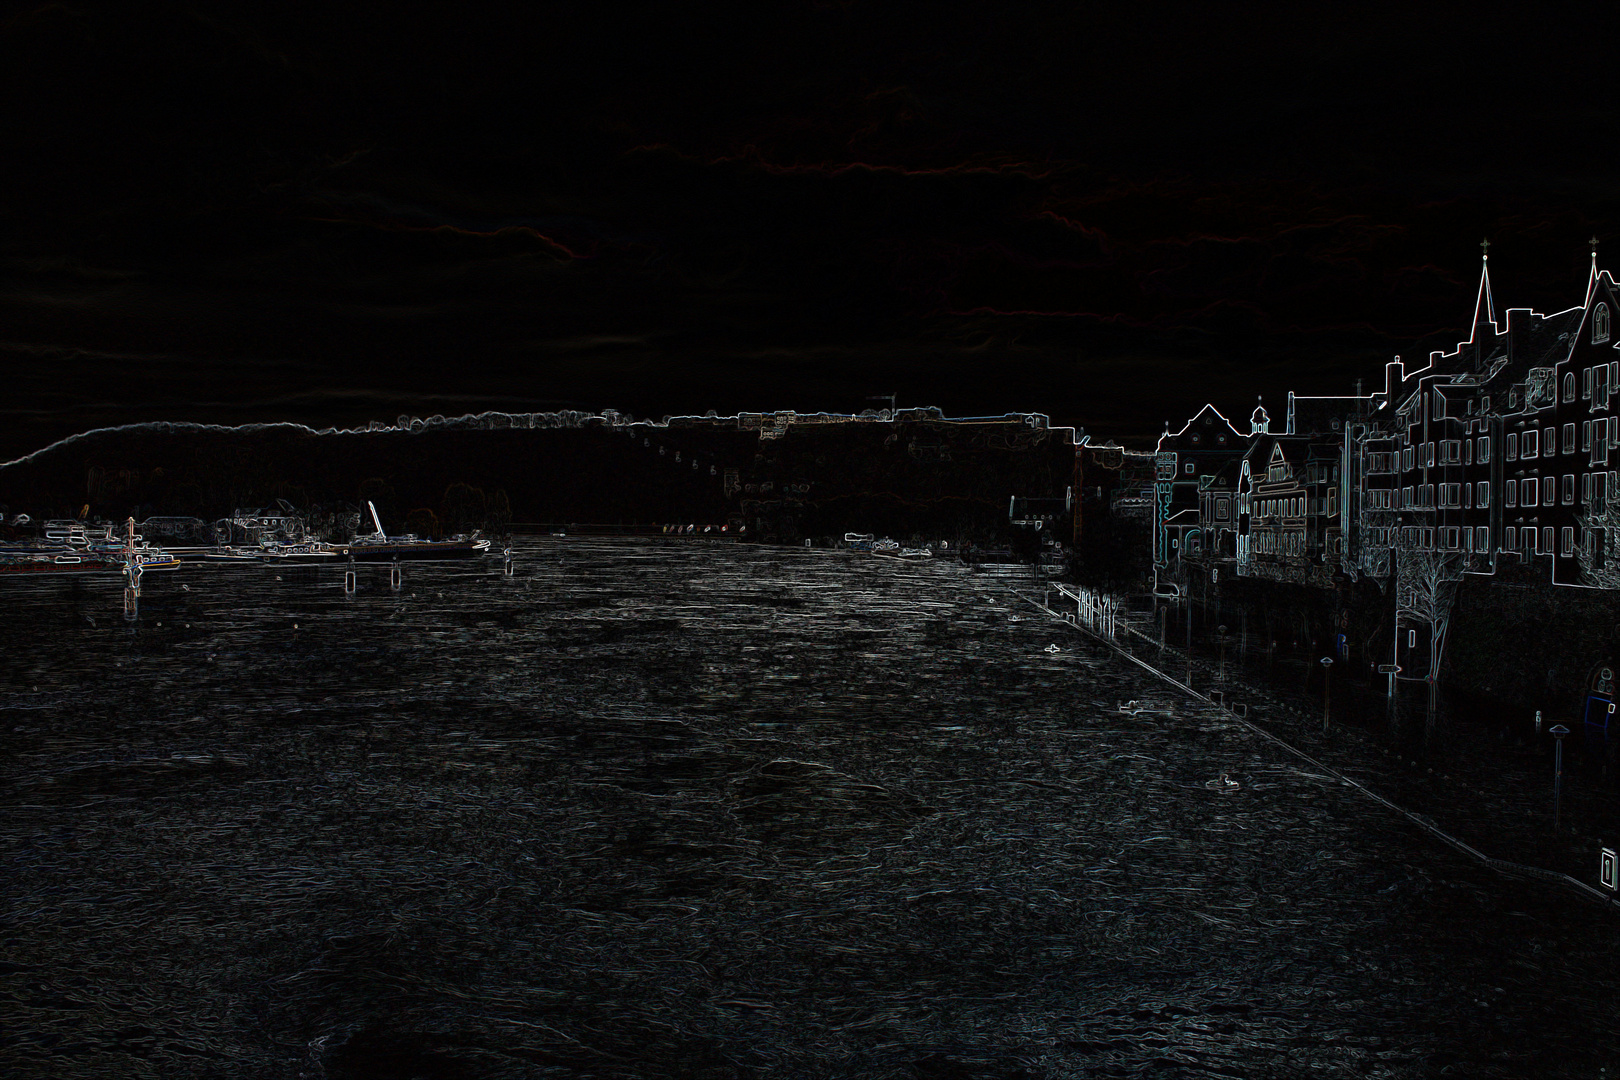 Hochwasser 2011 in Koblenz